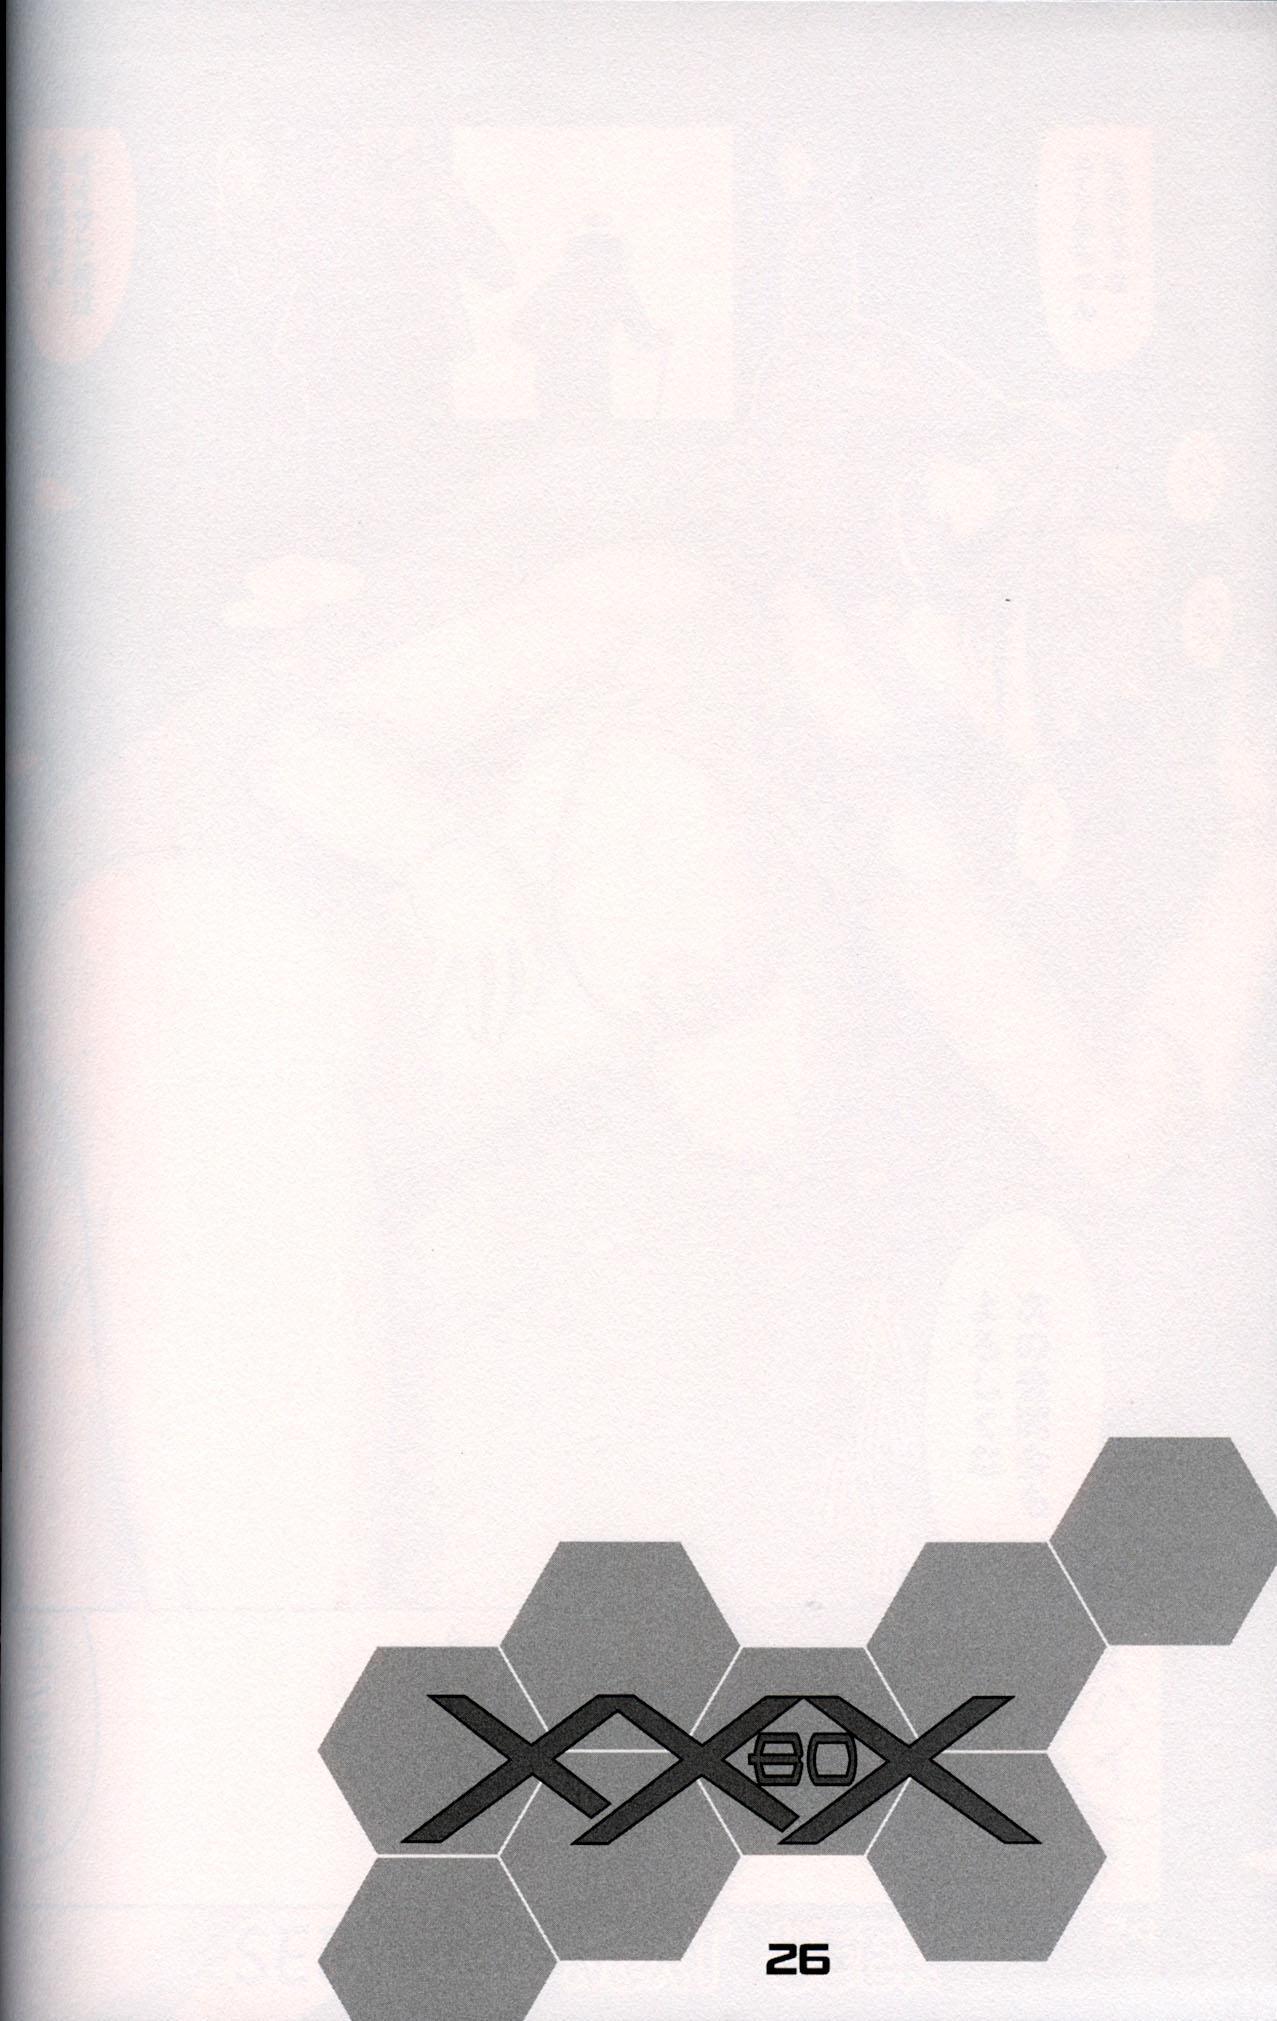 XXBOX 24